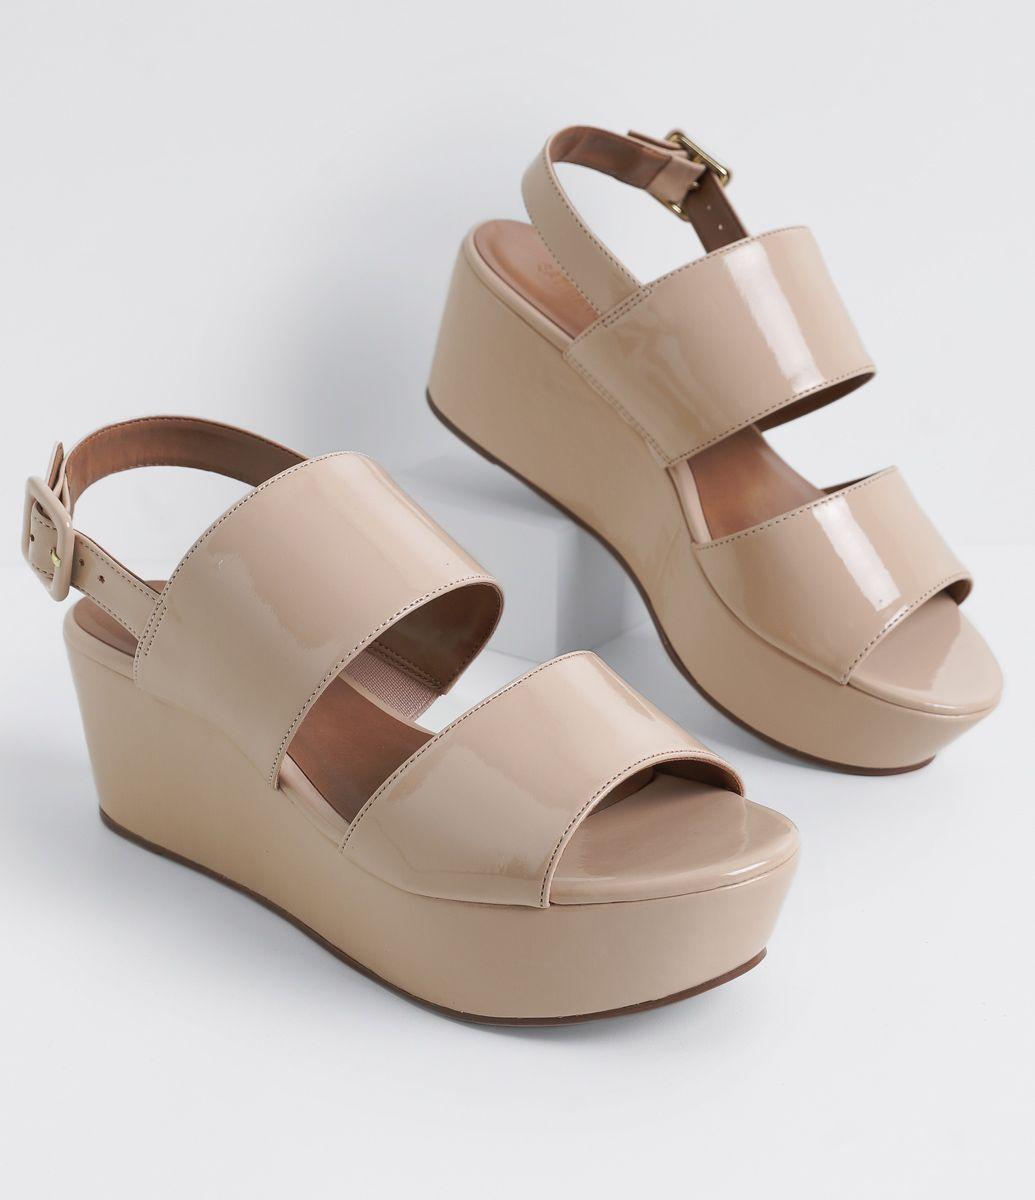 38704dc96 Sandália feminina Material: sintético Flatform Marca: Satinato COLEÇÃO  VERÃO 2017 Veja outras opções de sandálias femininas .